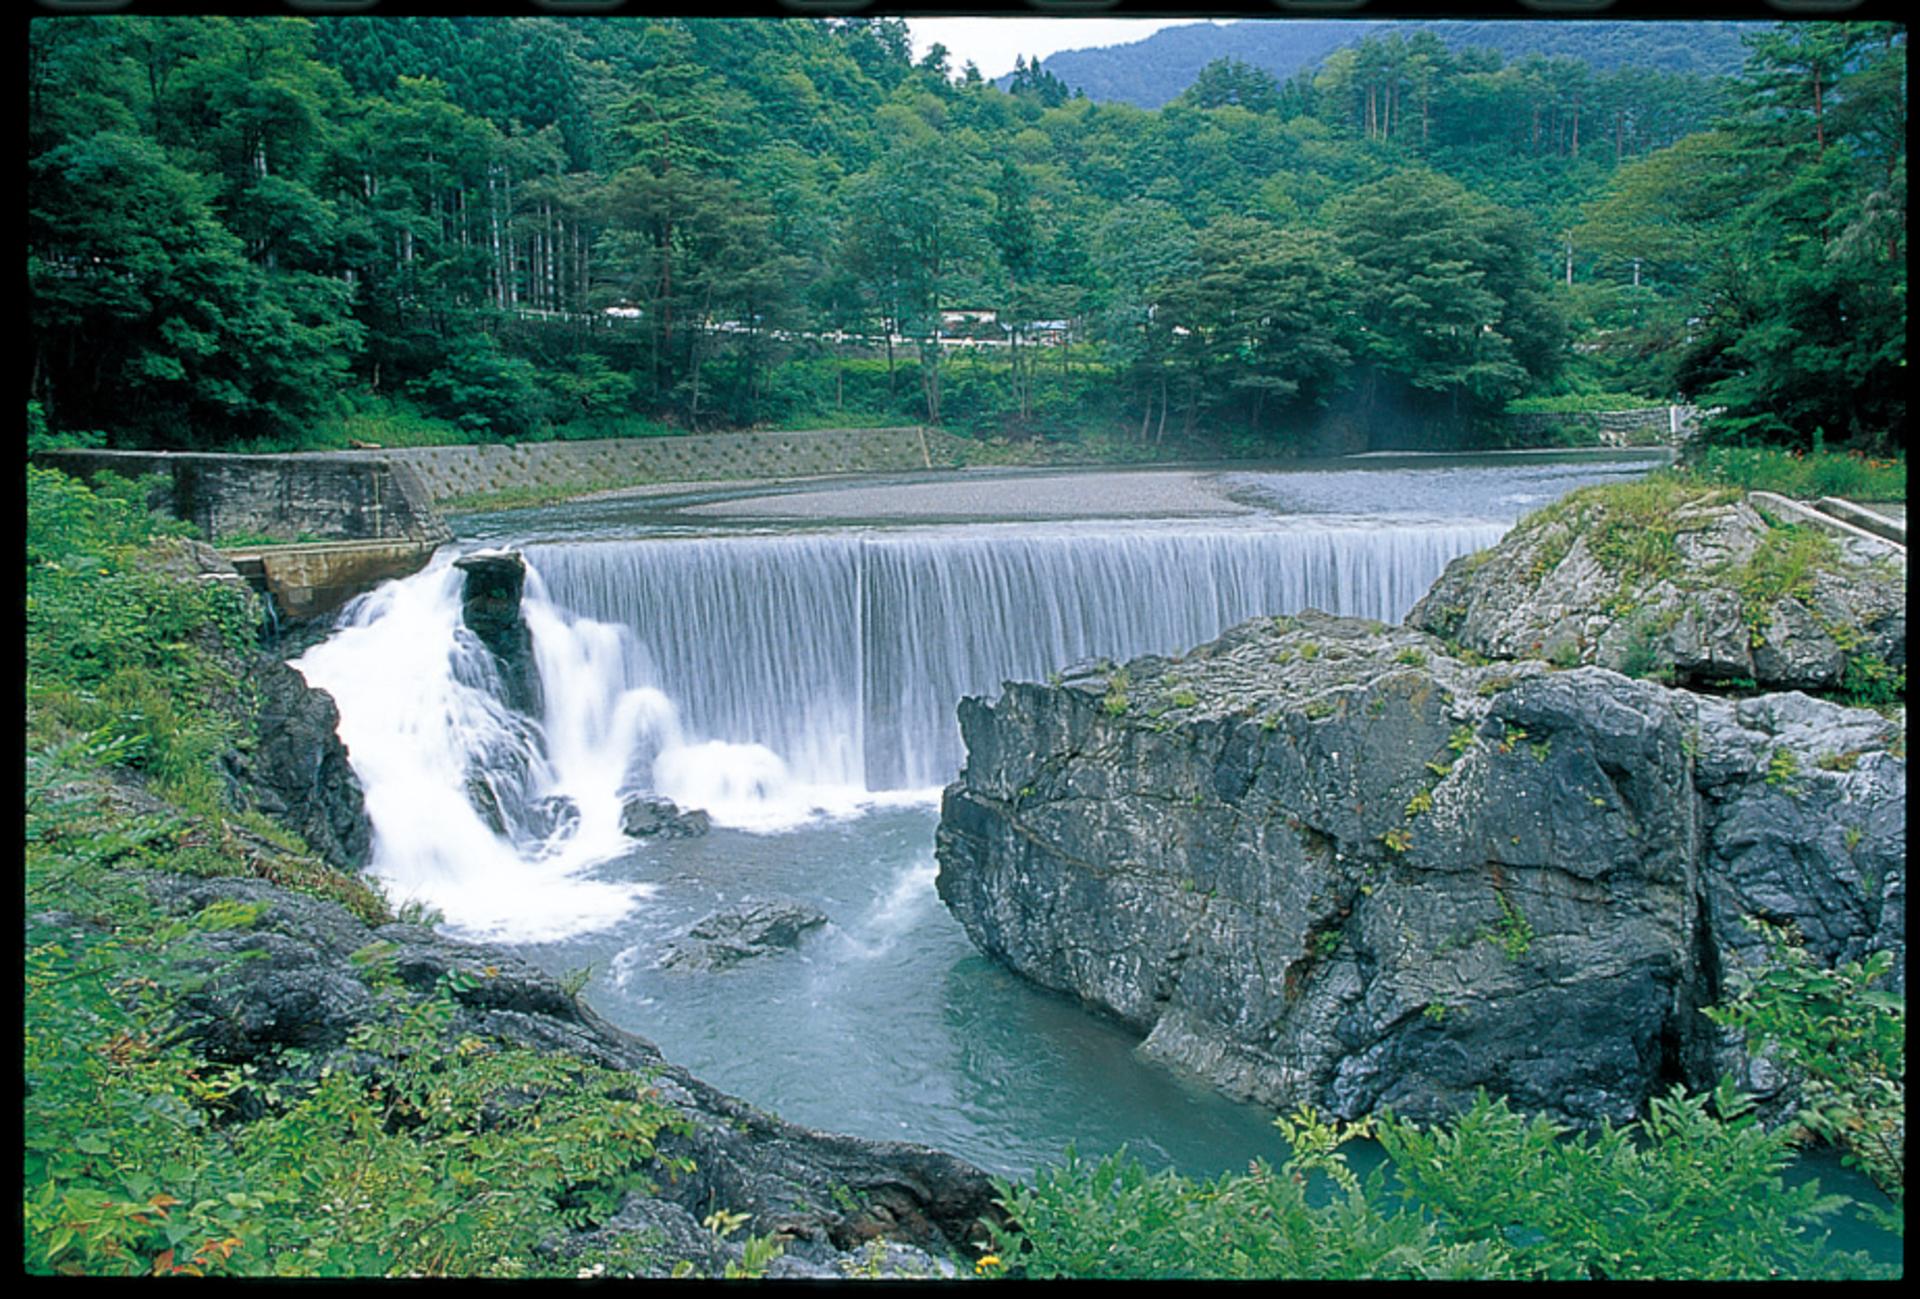 蛇木の滝(へびきのたき)